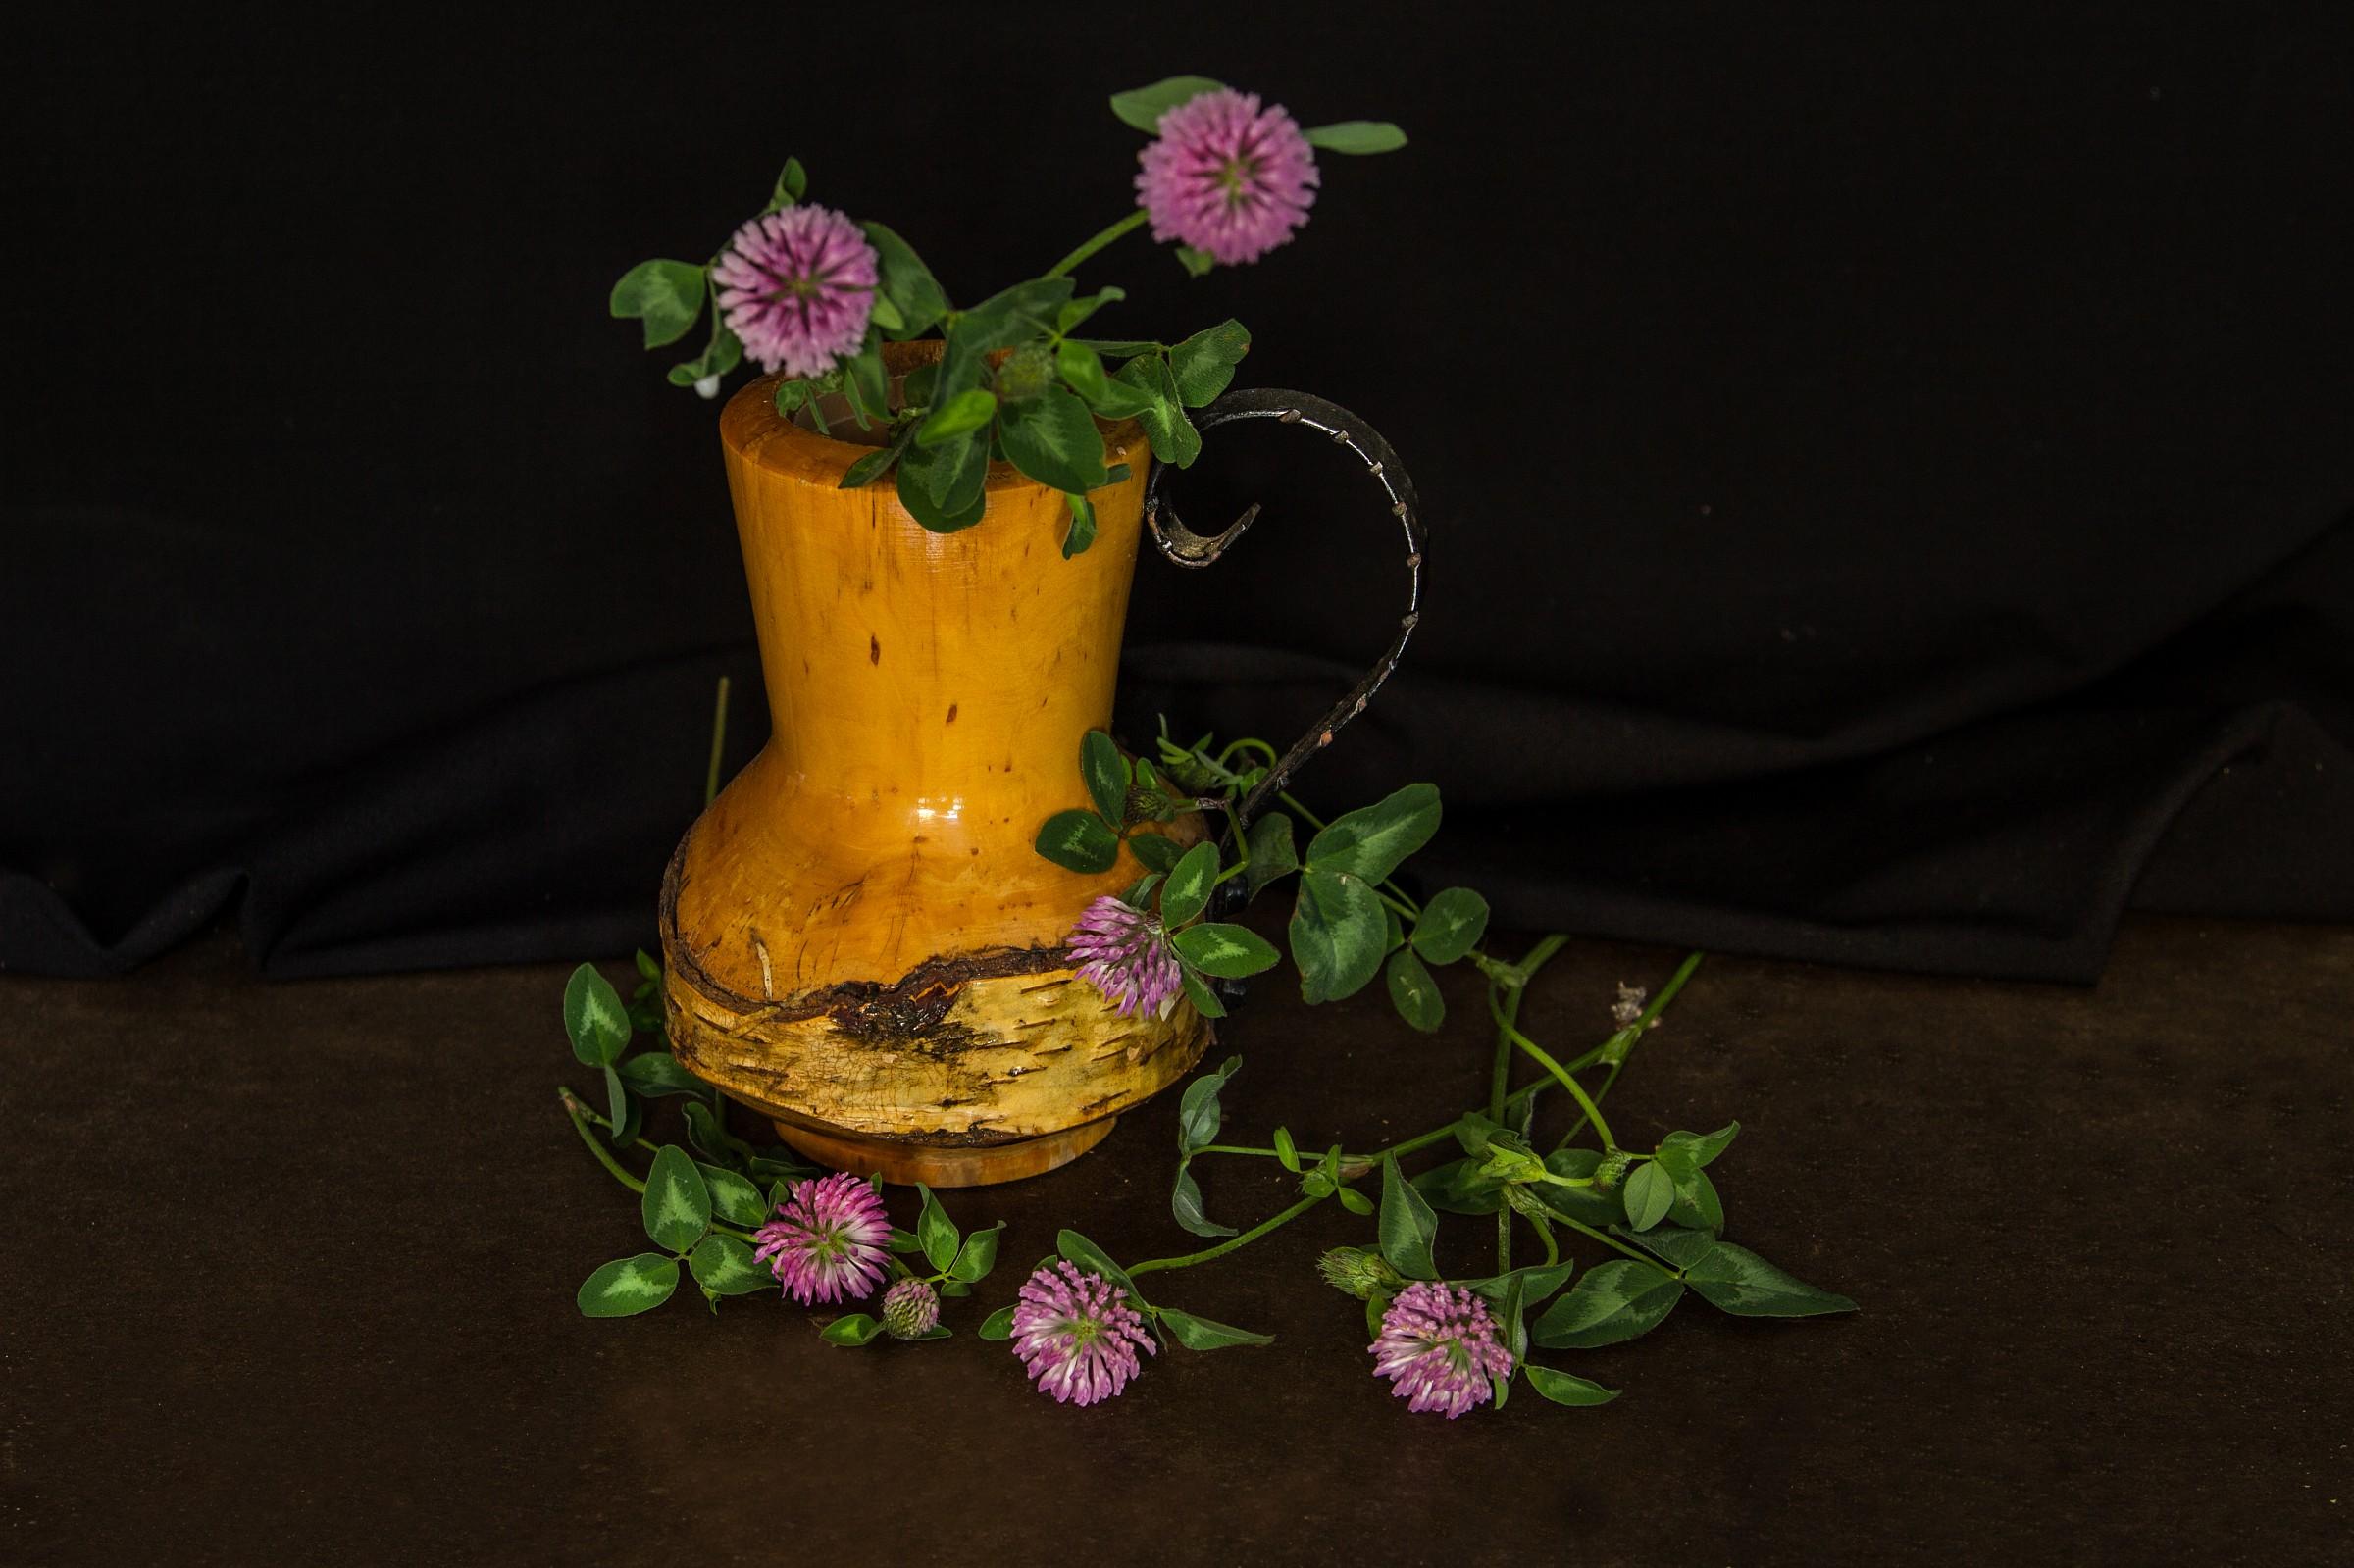 Clover in bloom...